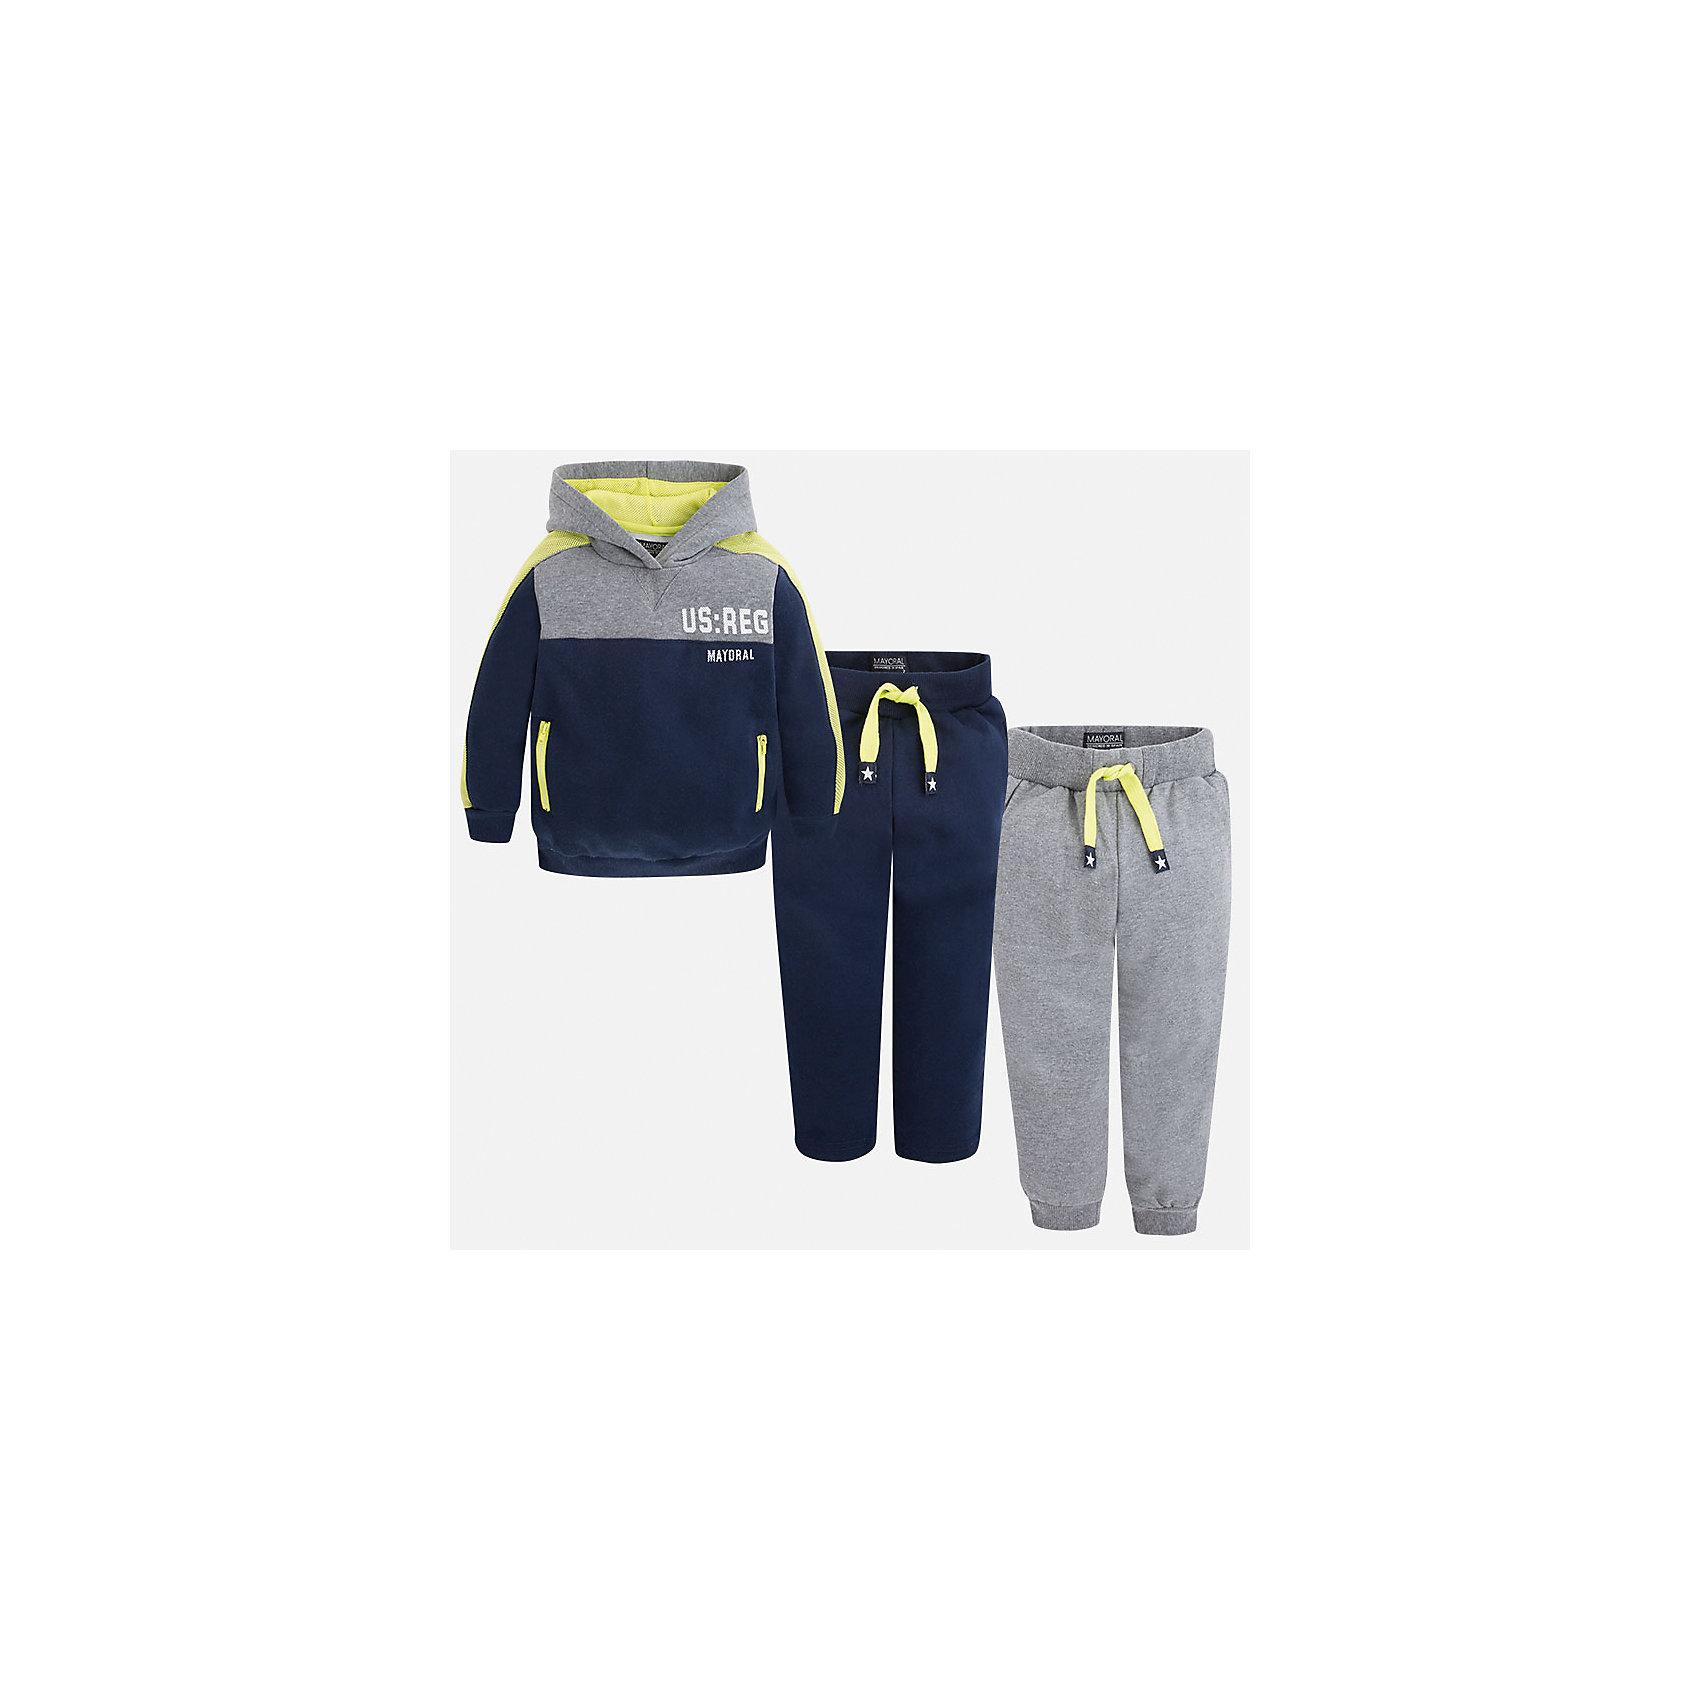 Спортивный костюм для мальчика MayoralКрасивый спортивный набор, который непременно пригодится каждому мальчику!<br><br>Дополнительная информация:<br><br>- В комплекте: Спортивная кофта, брюки (2 шт.)<br>- Крой: свободный крой.<br>- Страна бренда: Испания.<br>- Состав: хлопок 35%, полиэстер 65%.<br>- Цвет: серый, синий.<br>- Уход: бережная стирка при 30 градусах.<br><br>Стильный, практичный, долговечный и очень удобный спортивный костюм для мальчика.<br><br>Дополнительная информация:<br><br>- В комплекте: спортивная кофта и брюки (2 шт.)<br>- Крой: свободный крой.<br>- Страна бренда: Испания.<br>- Состав: хлопок 35%, полиэстер 65%.<br>- Цвет: синий, серый.<br>- Уход: бережная стирка при 30 градусах.<br><br>Купить спортивный костюм для мальчика Mayoral, можно в нашем магазине.<br><br>Ширина мм: 247<br>Глубина мм: 16<br>Высота мм: 140<br>Вес г: 225<br>Цвет: синий<br>Возраст от месяцев: 36<br>Возраст до месяцев: 48<br>Пол: Мужской<br>Возраст: Детский<br>Размер: 104,110,116,122,98,128,134<br>SKU: 4826524